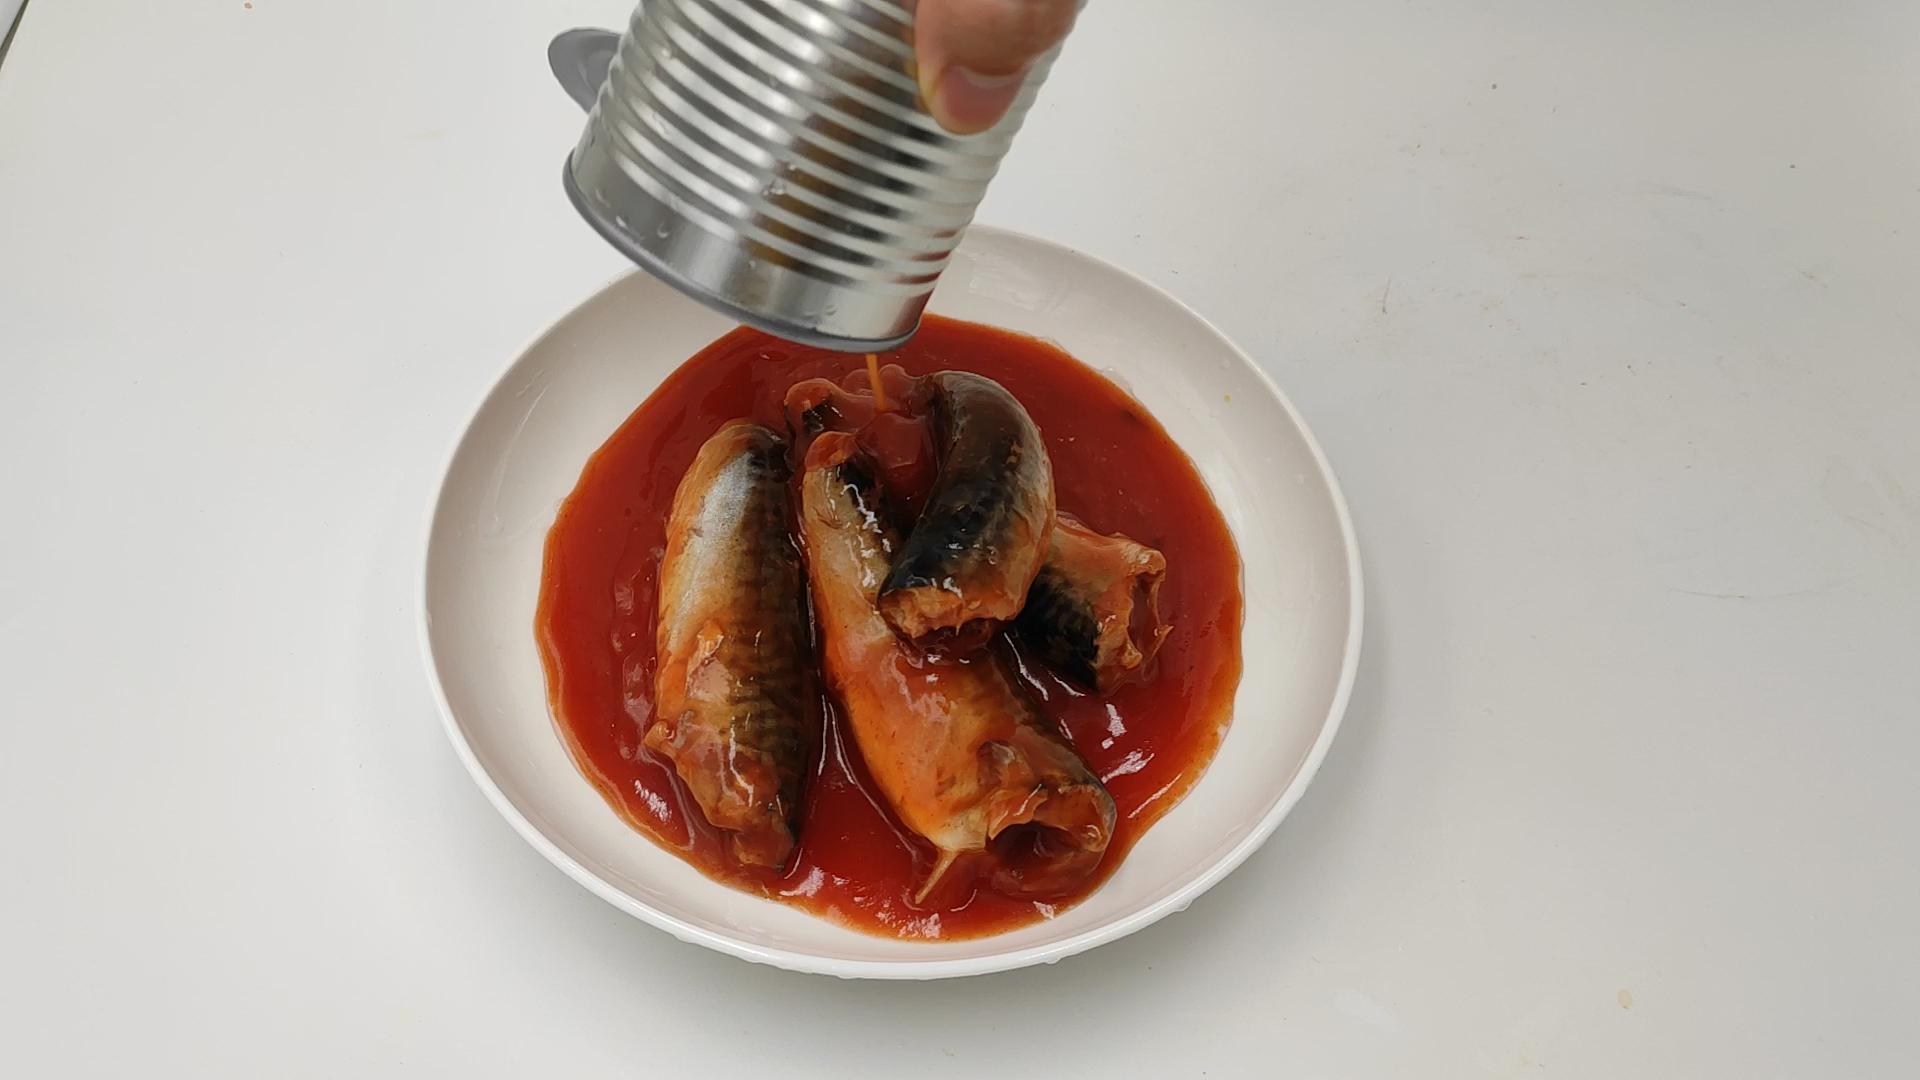 425g Meilleur Prix Facile Ouvert Conserves de Maquereaux À La Sauce Tomate